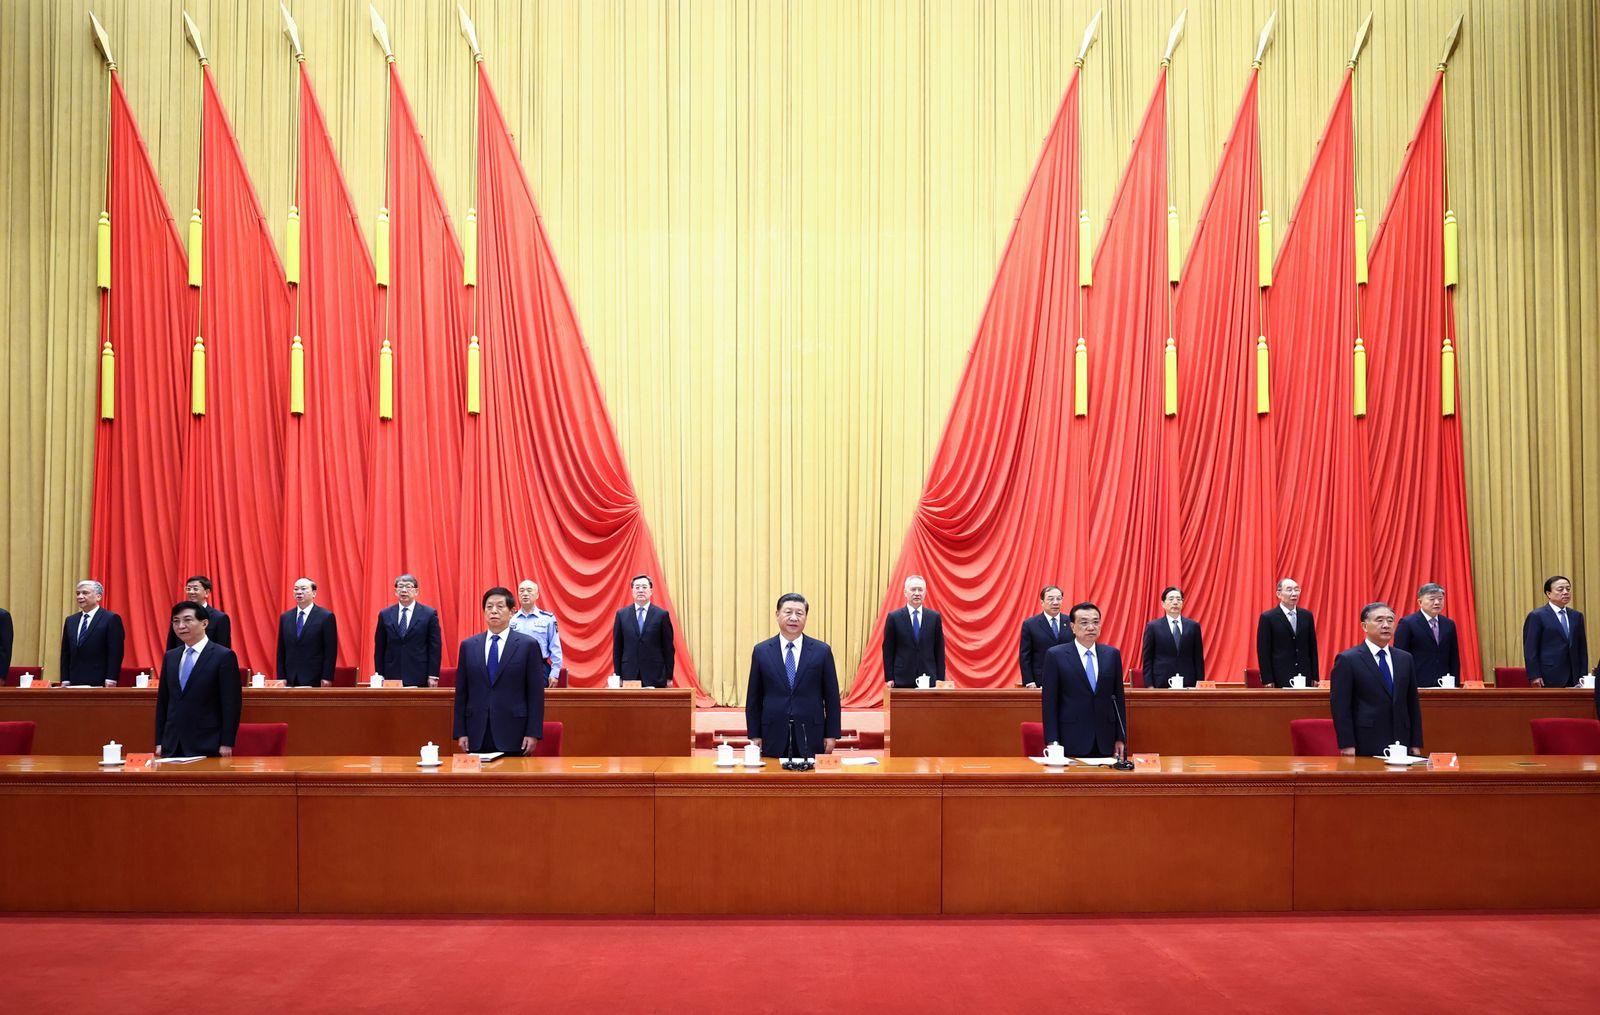 Chinesischer Präsident Jinping